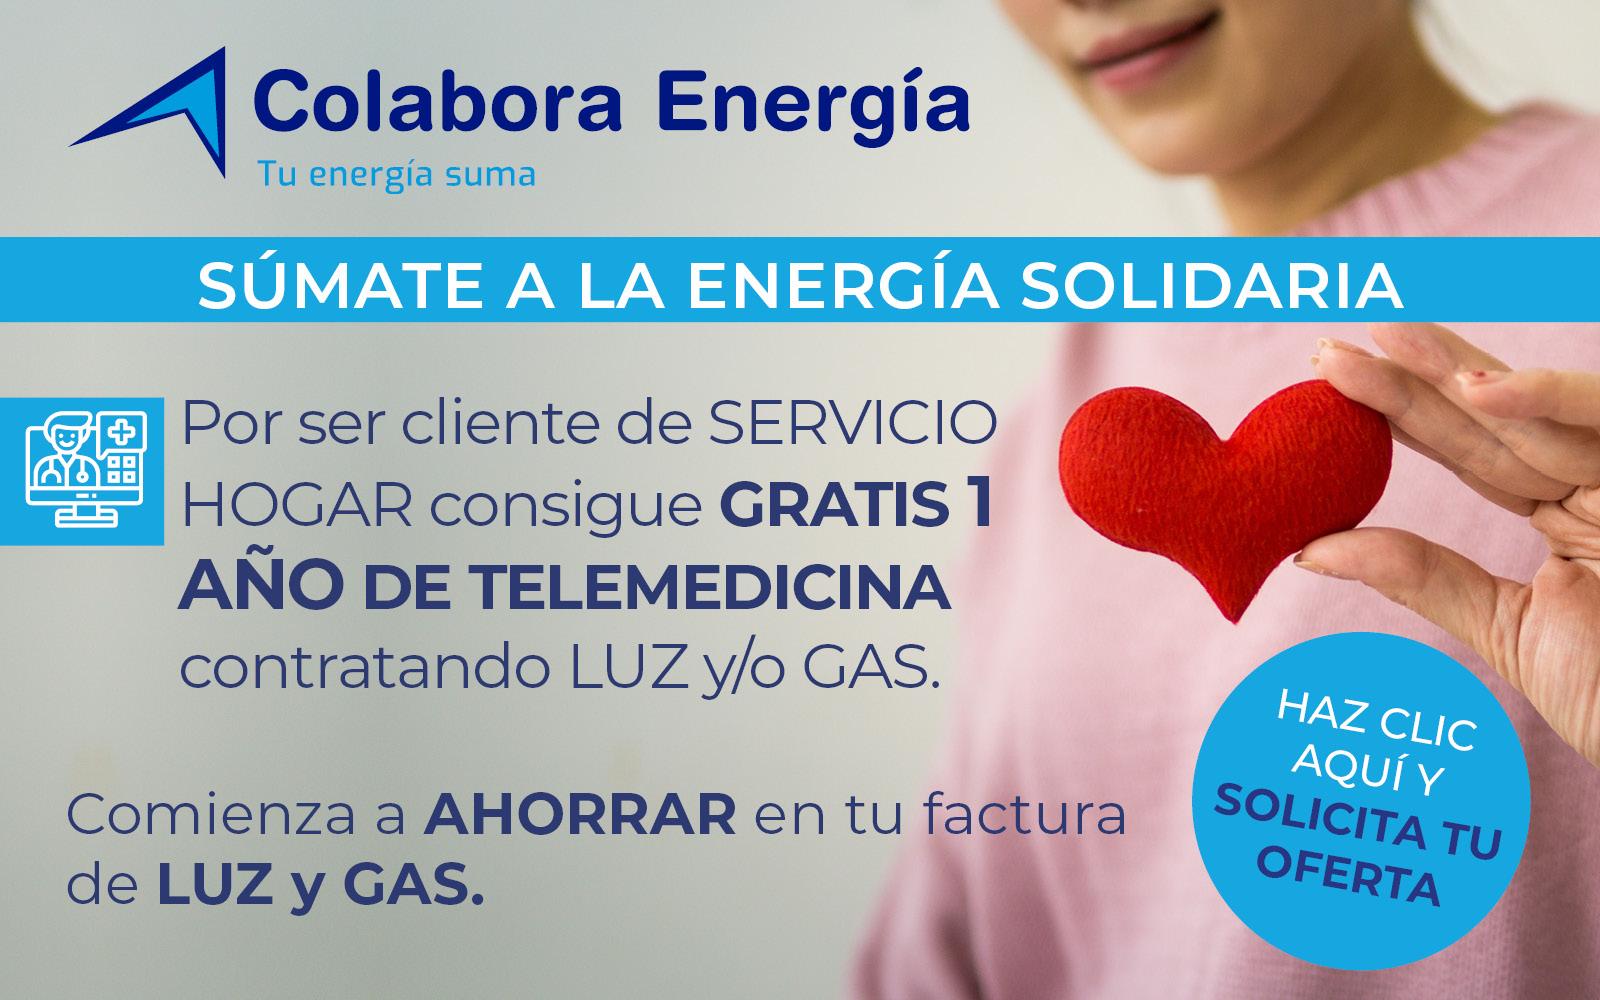 Colabora energía Servicio Hogar